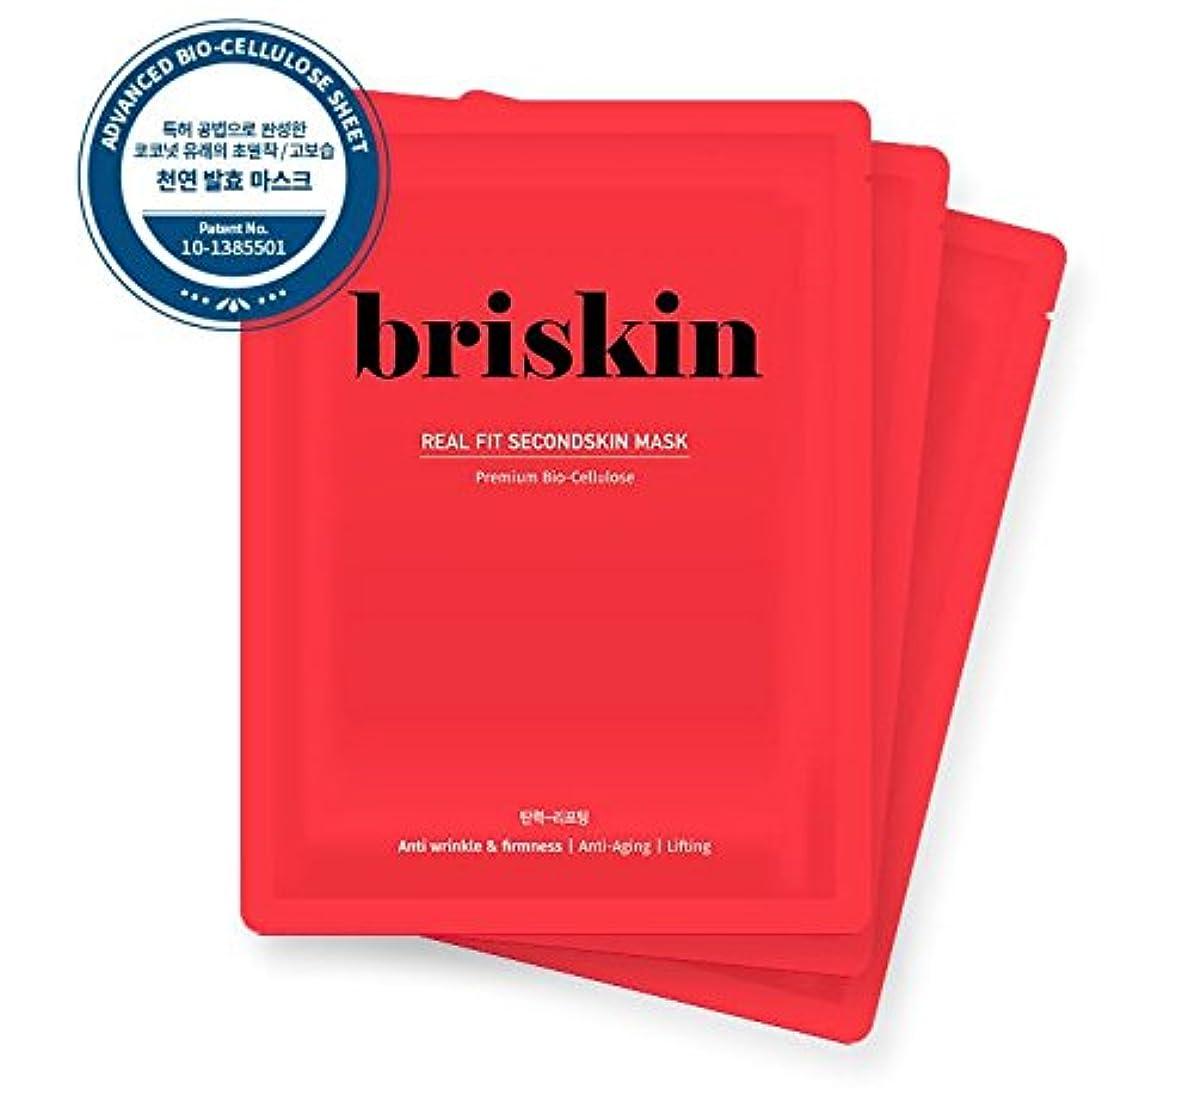 符号アルファベット順自信があるBriskin Real Fit Secondskin Mask [Wrinkle & Firmness] ブリスキン シートマスク 弾力 (5枚) [並行輸入品]